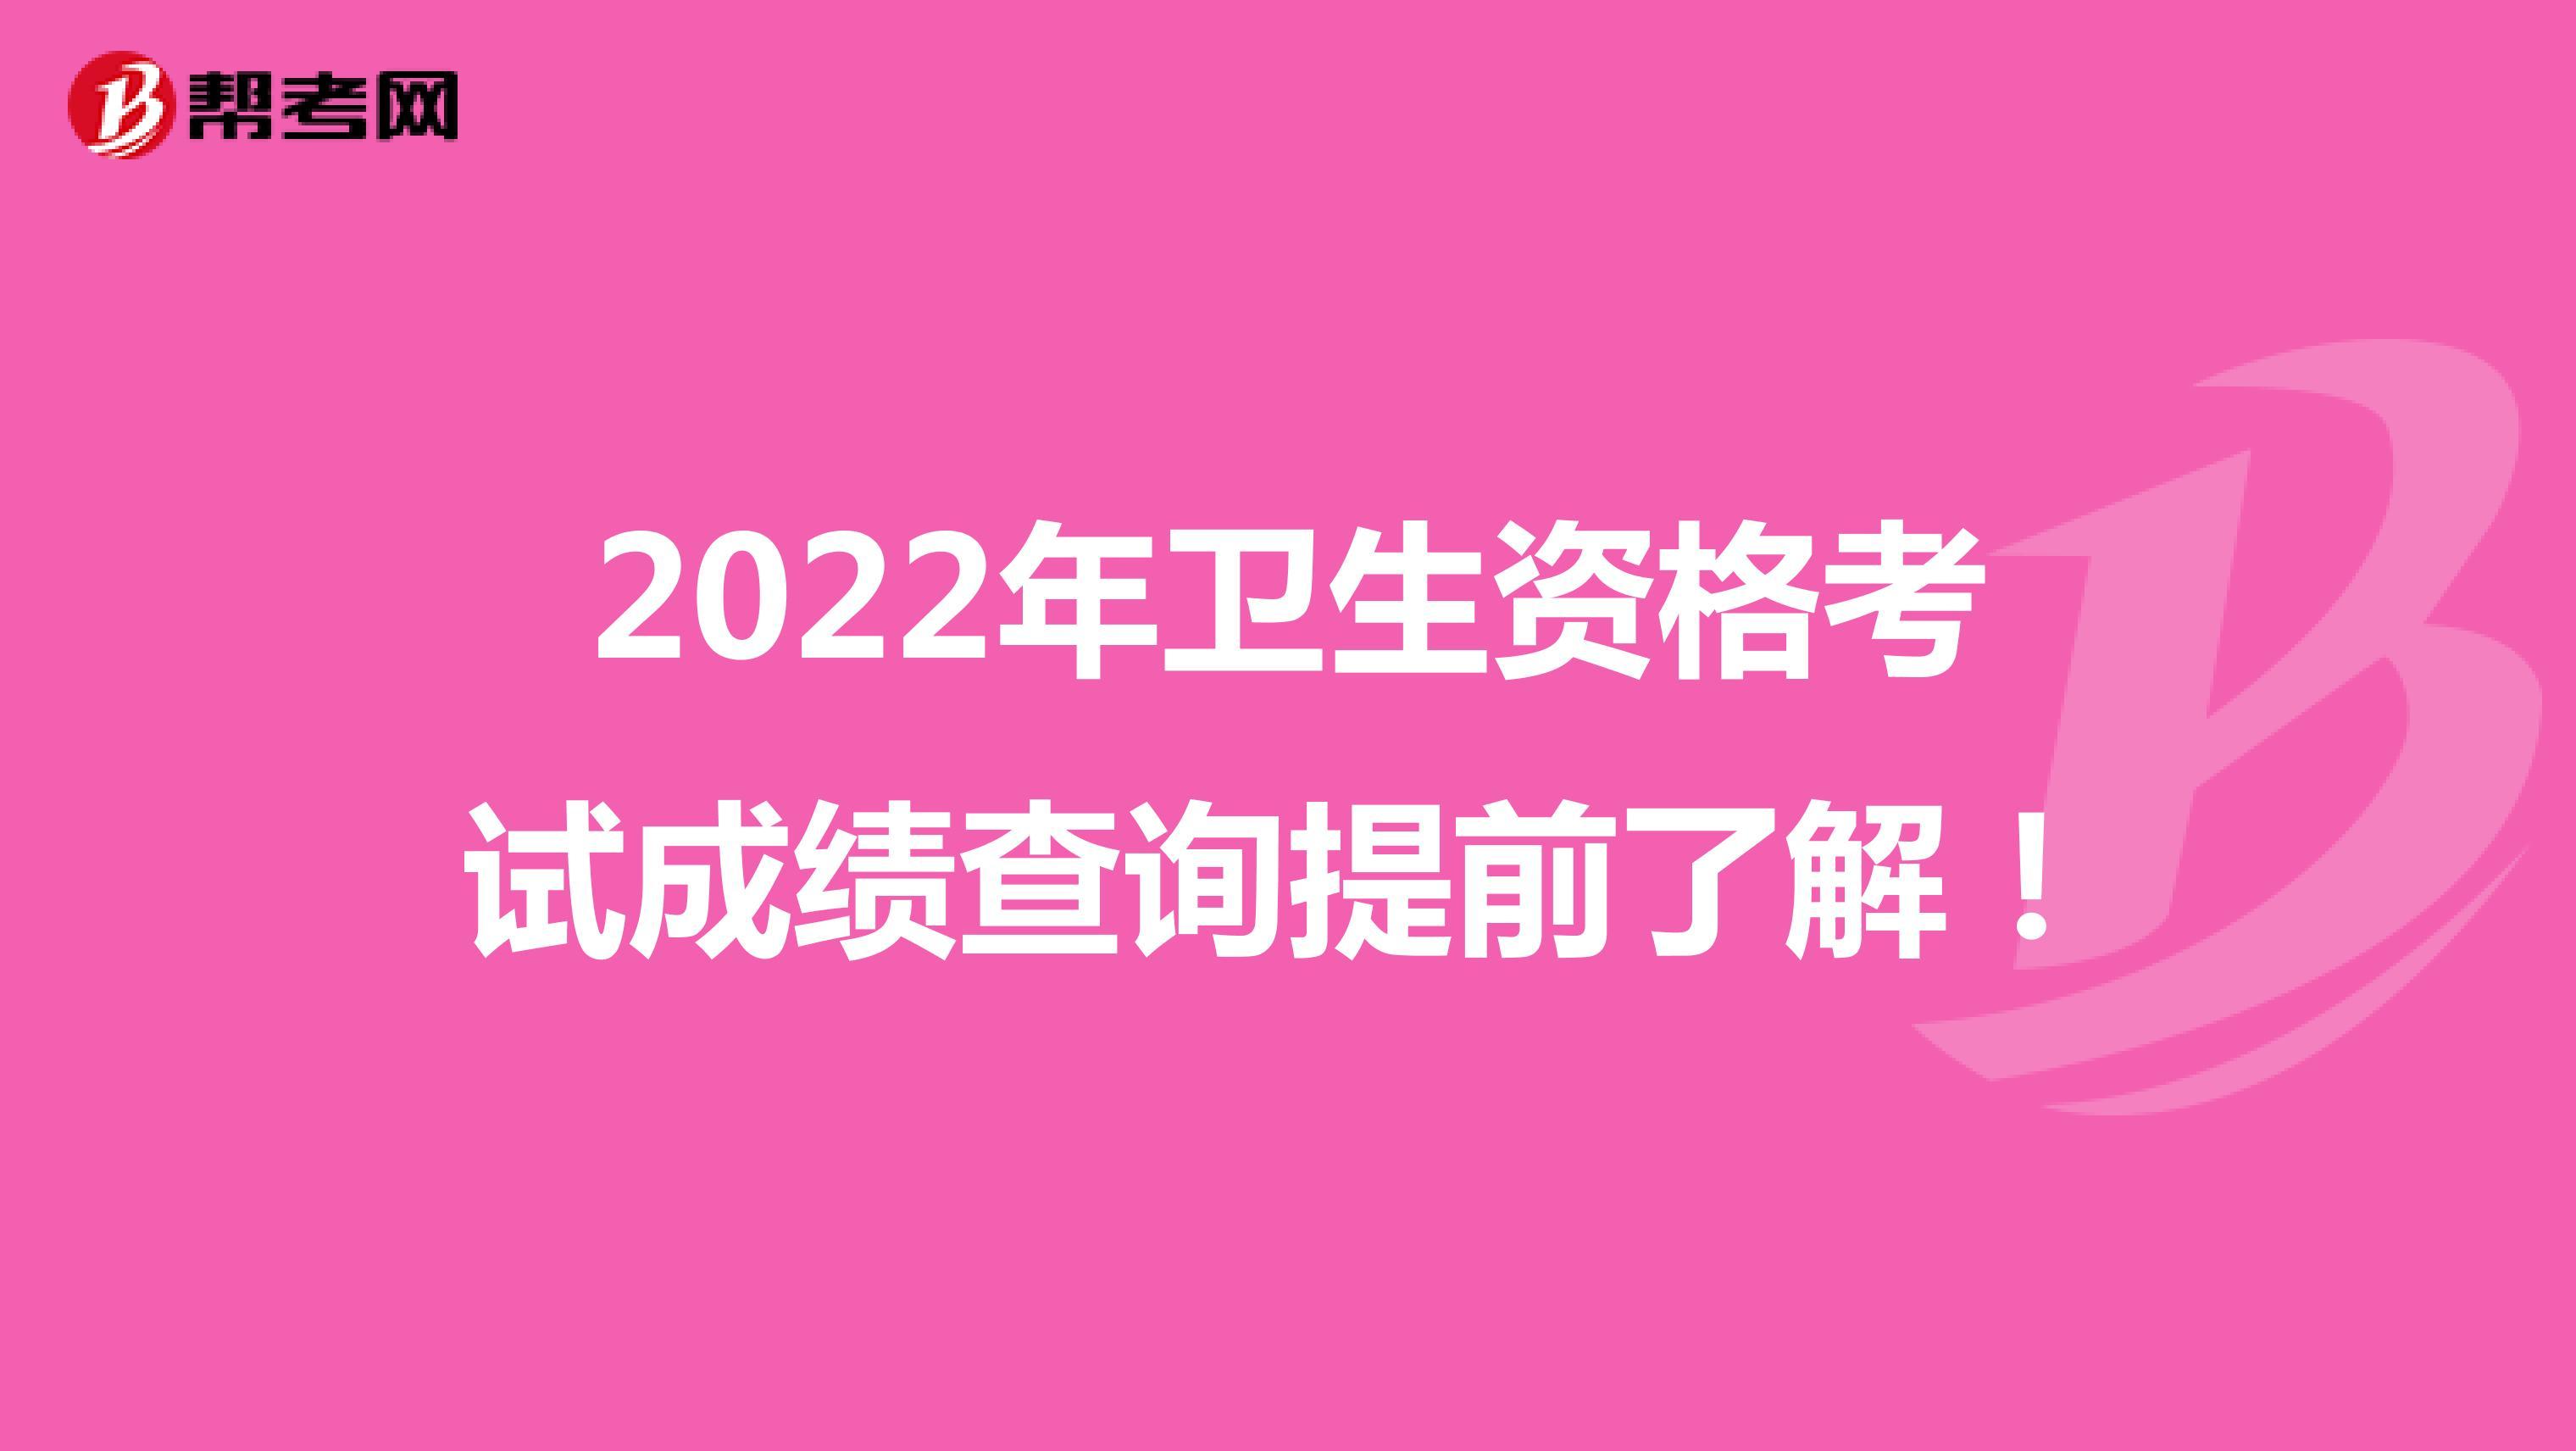 2022年卫生资格考试成绩查询提前了解!